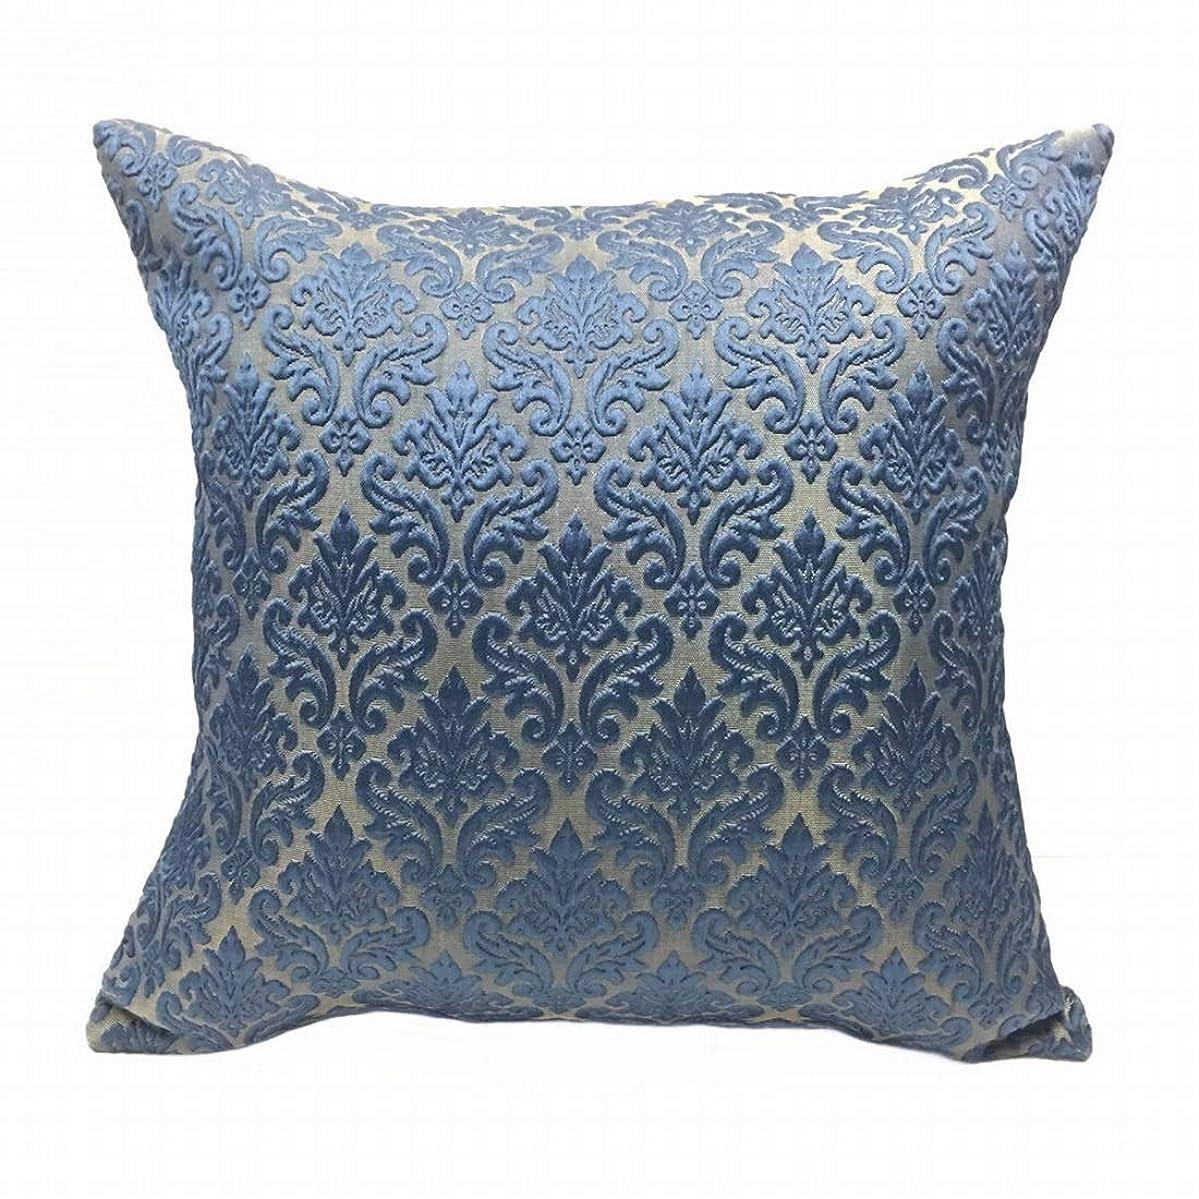 声を出して公平高度なKerwinner ポリエステル柔らかいsoild装飾的な濃紺の正方形の投球枕カバーセットクッションケース枕カバーソファ寝室車18 x 18インチ45 x 45 cm